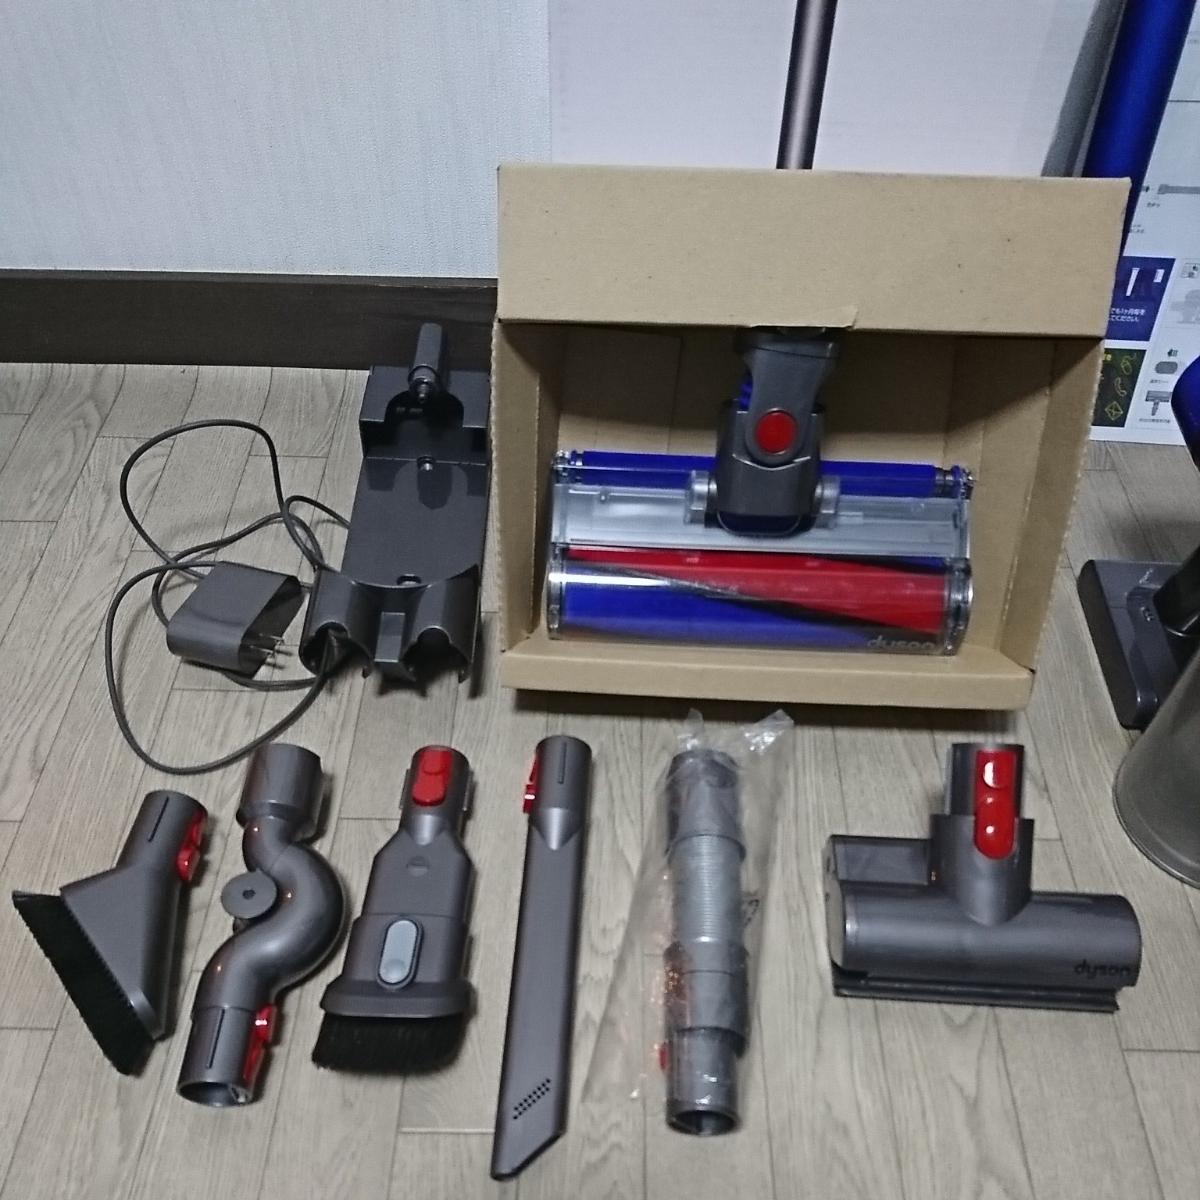 ダイソンハンディクリーナーV8fluffy+ 千葉県 検索用 DC62 V6 V7 V8 V10 スティッククリーナー 掃除機 _画像2